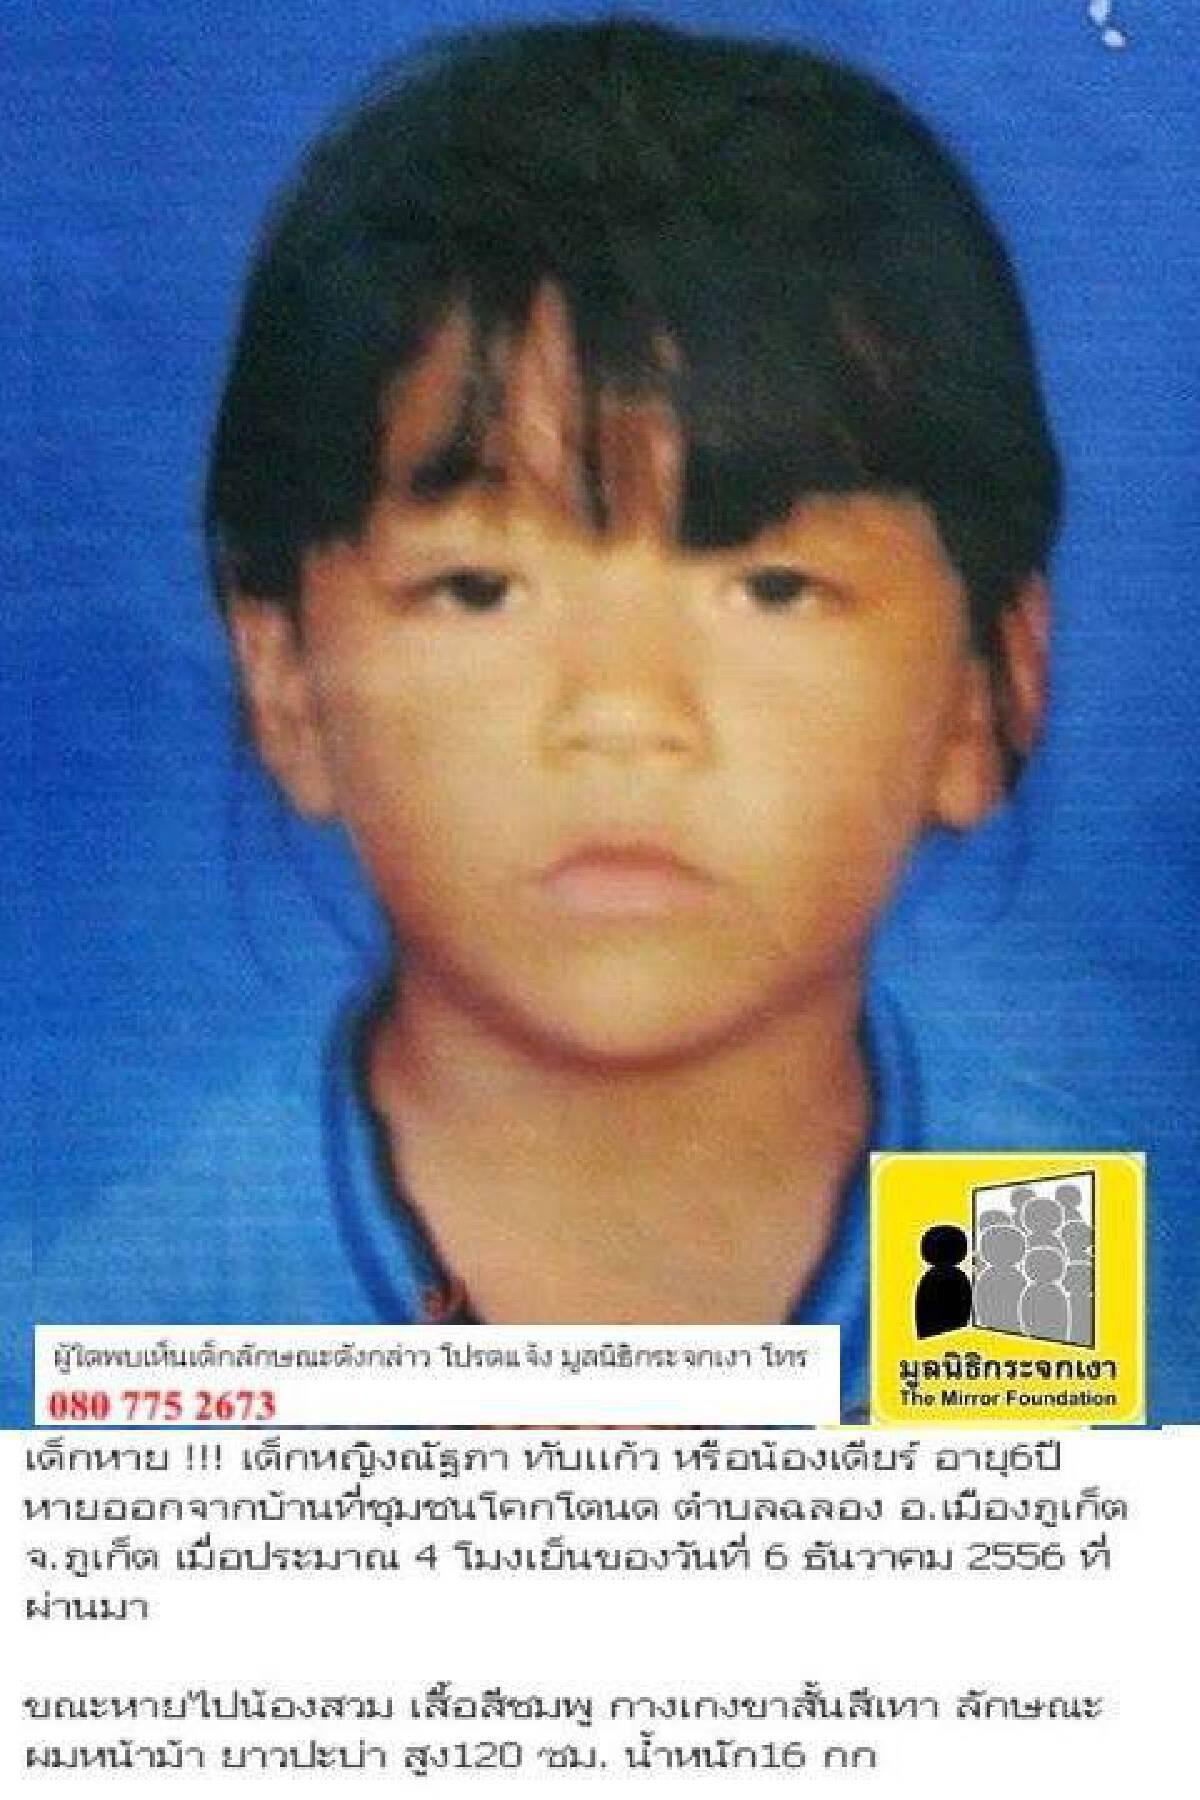 สืบสวนความจริง | เปิดแฟ้มเด็กหาย โทษถึงประหาร